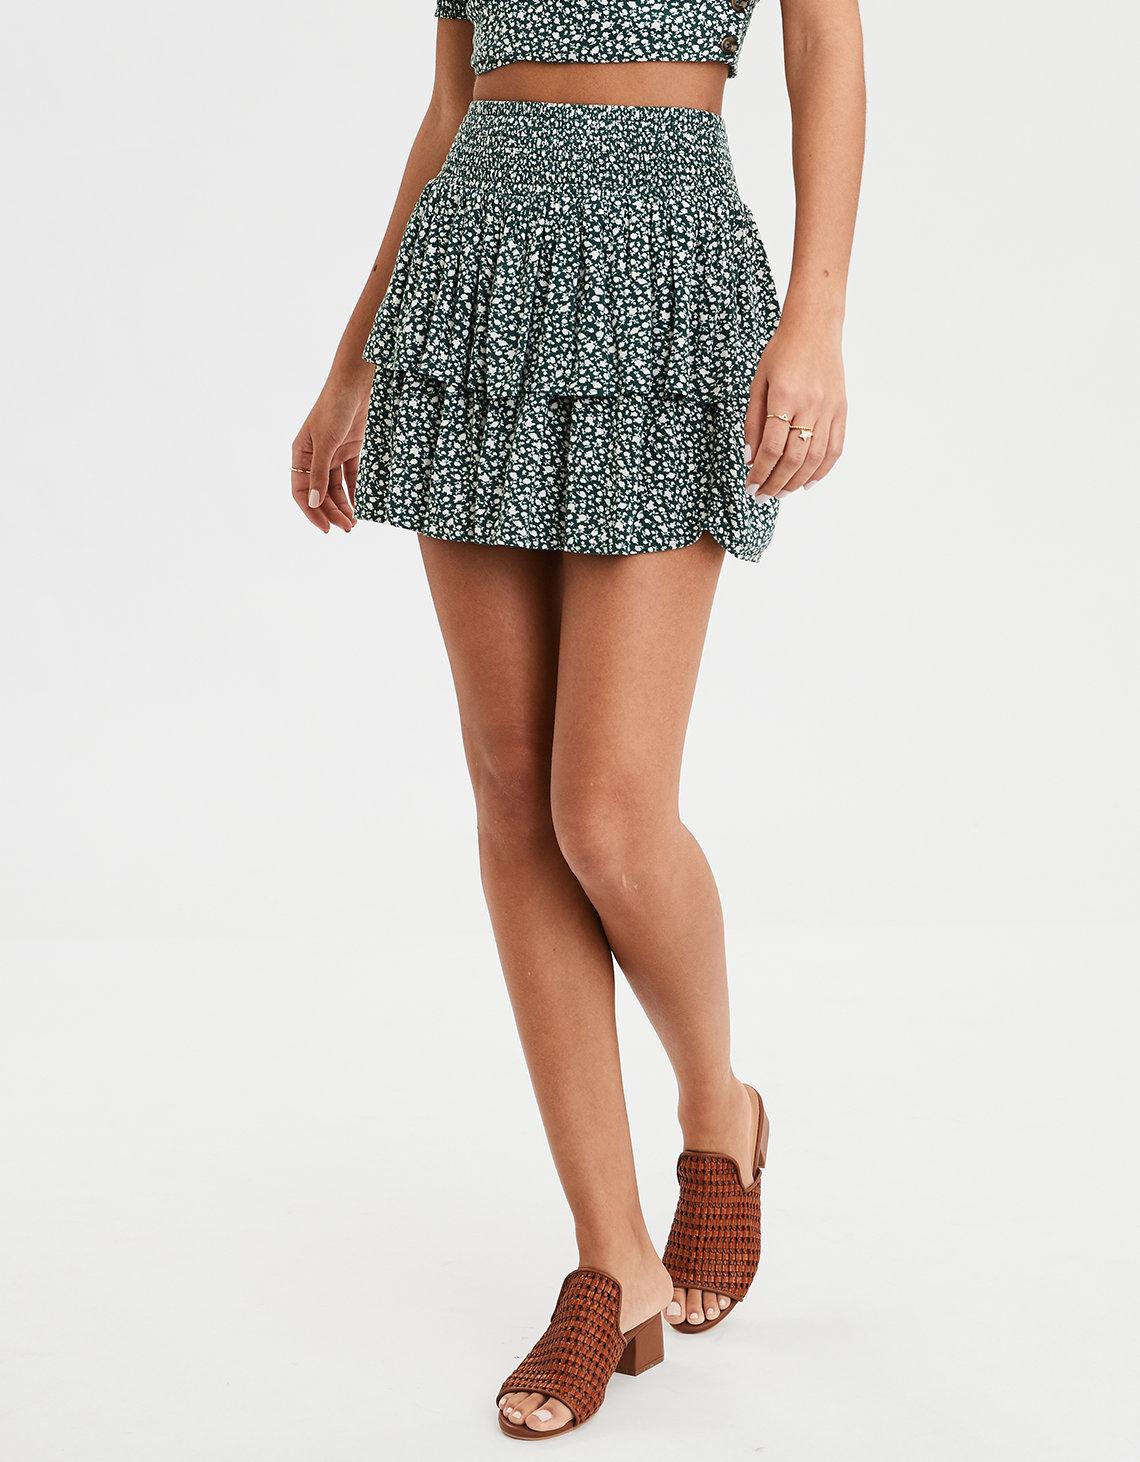 85b2de79c8104 AE High-Waisted Floral Mini Skirt